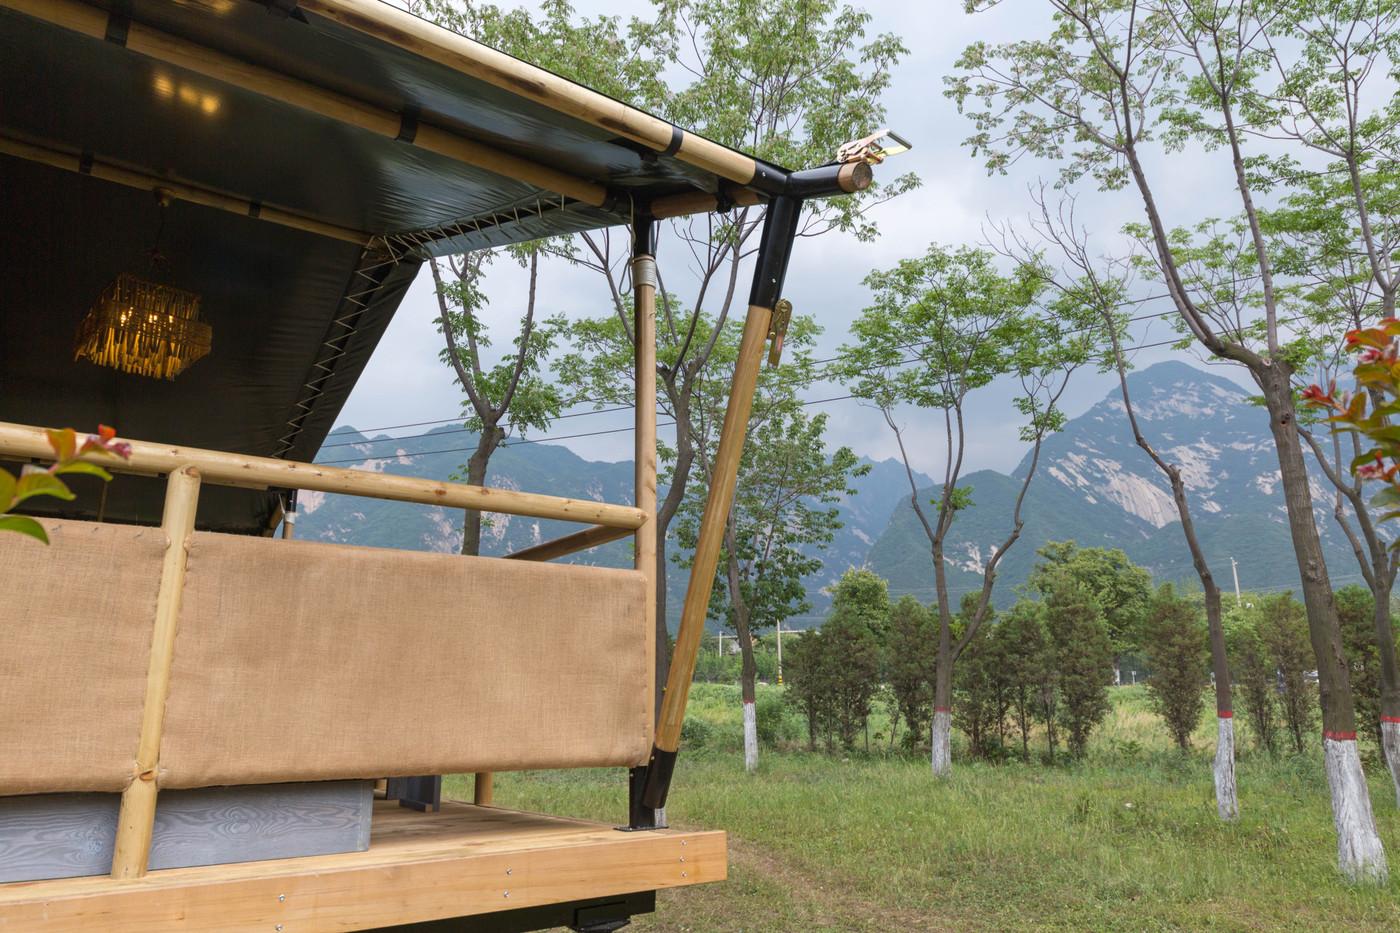 喜马拉雅野奢帐篷酒店—华山自驾游露营地(78平)8